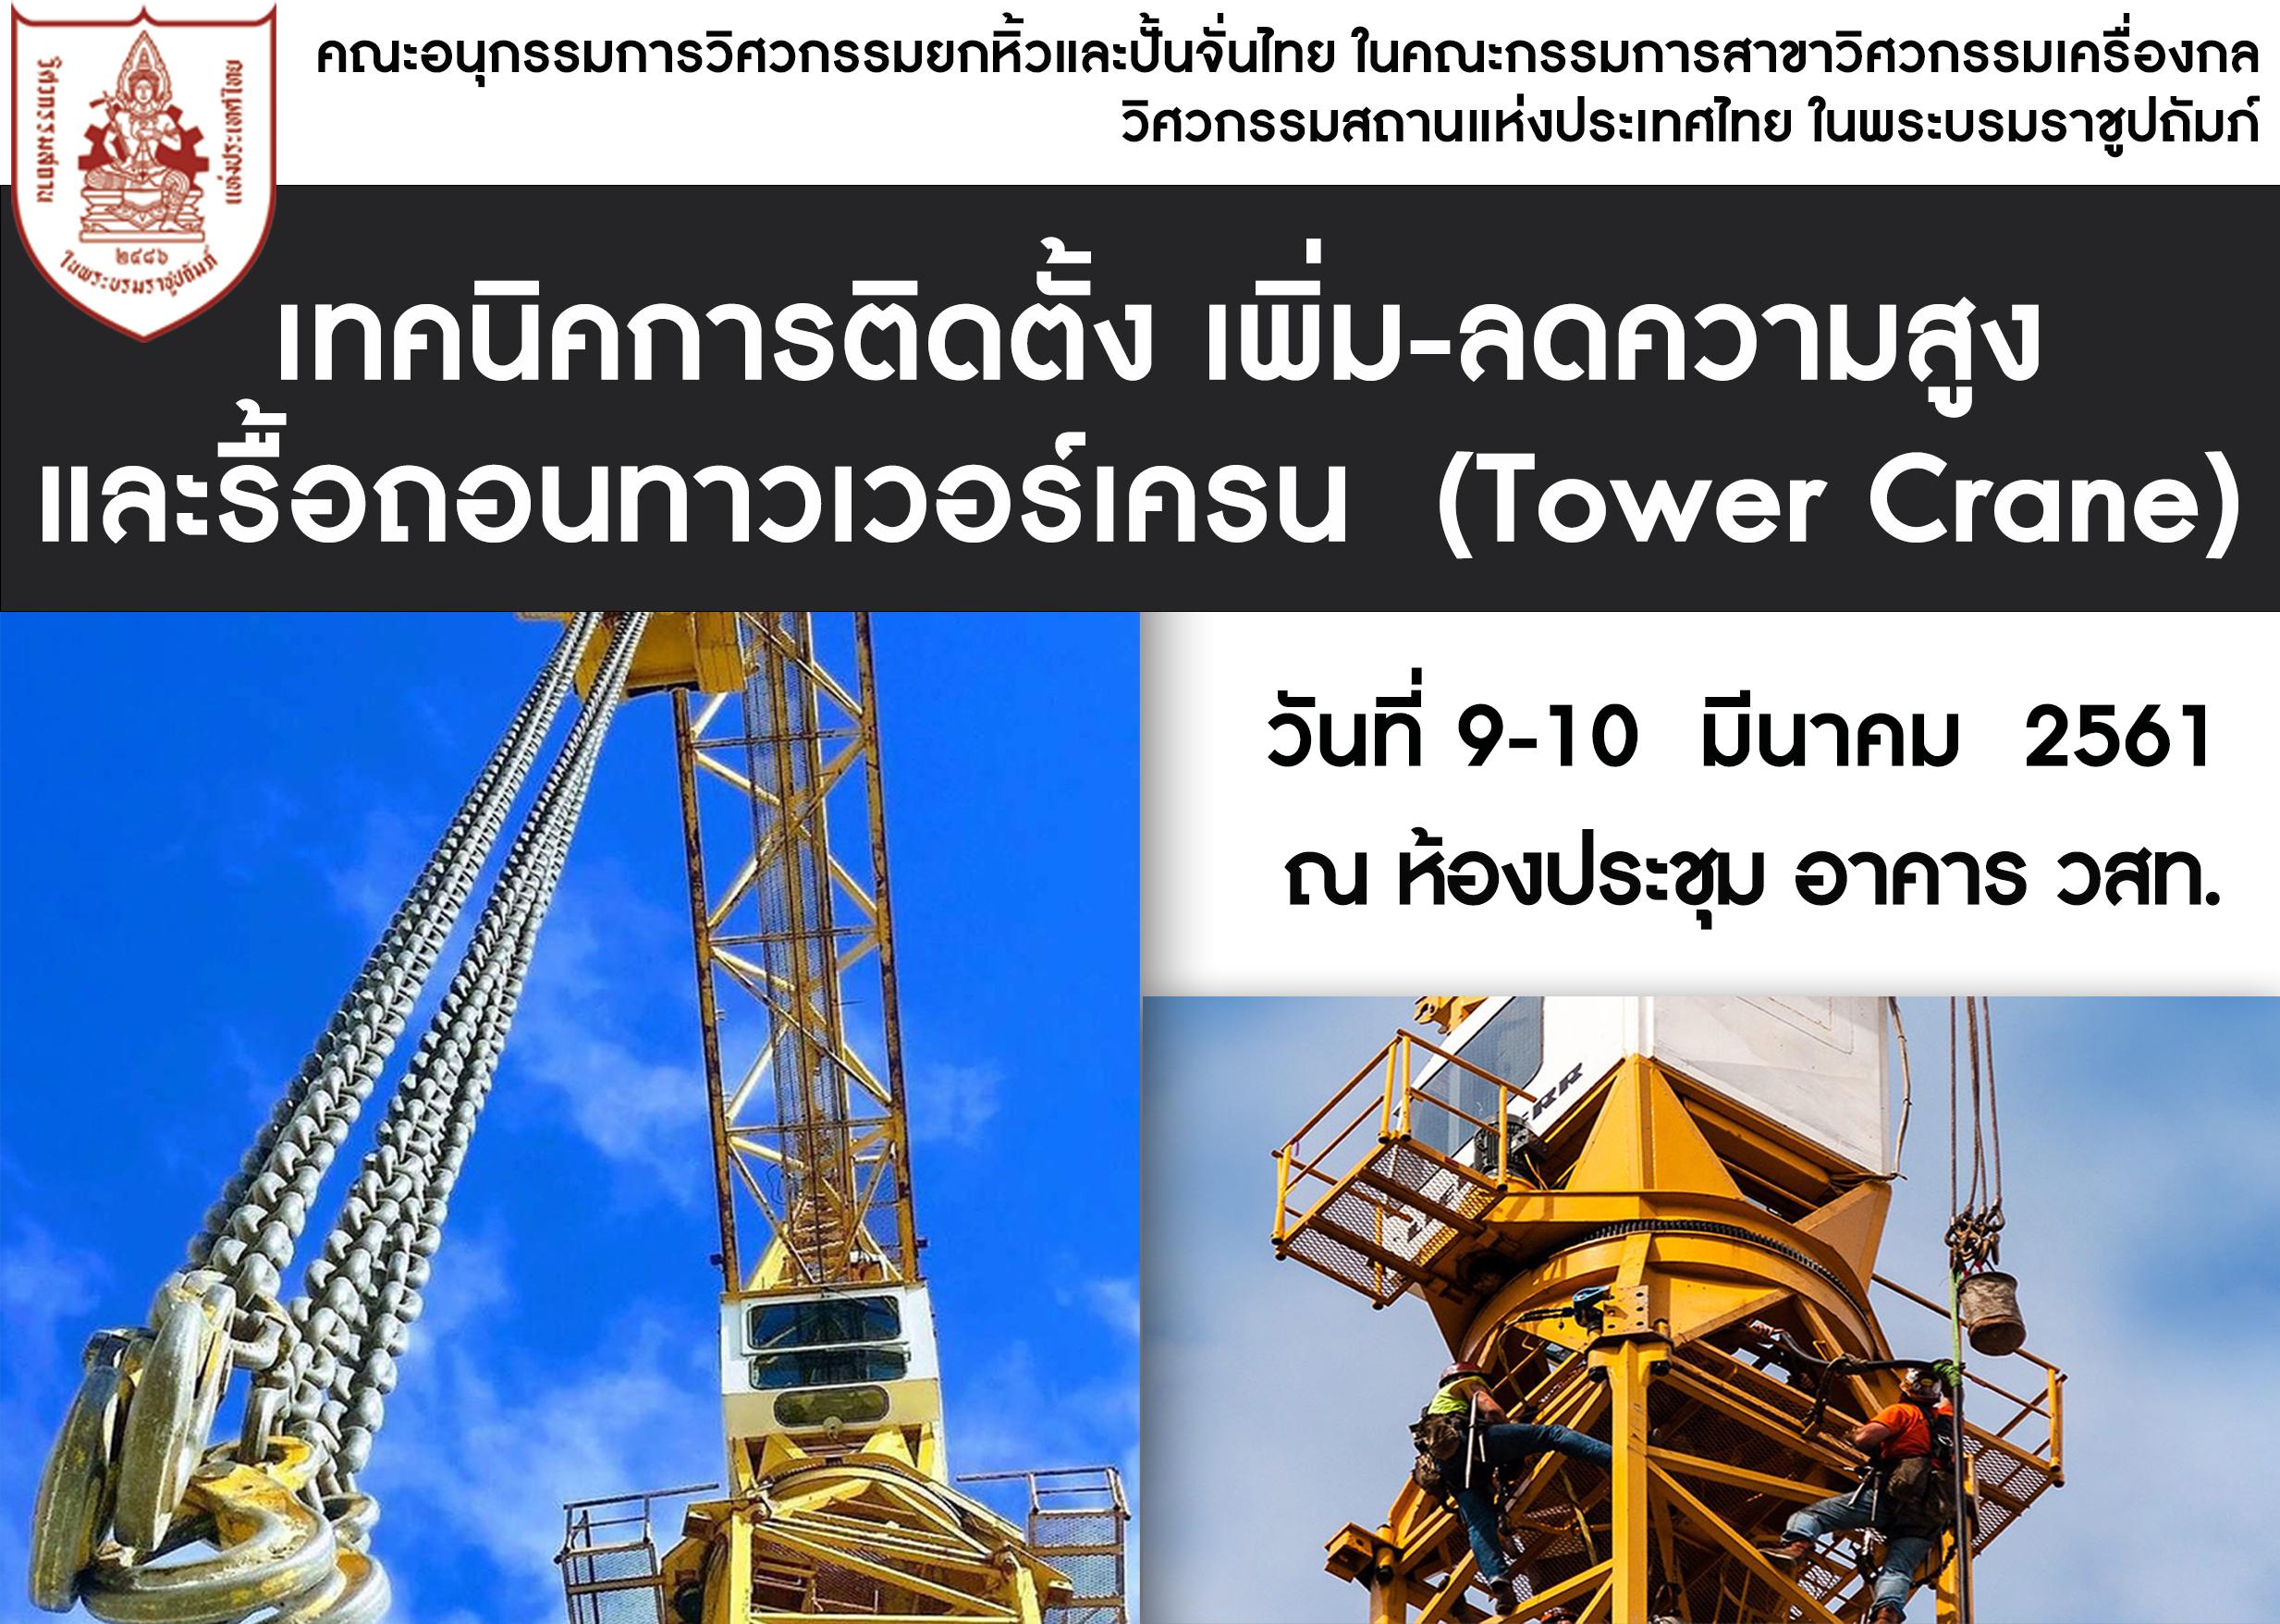 9-10/03/2561 **ขอเลื่อน** การอบรมเรื่อง เทคนิคการติดตั้ง เพิ่ม-ลดความสูง และรื้อถอนทาวเวอร์เครน  (Tower Crane) รุ่นที่ 2